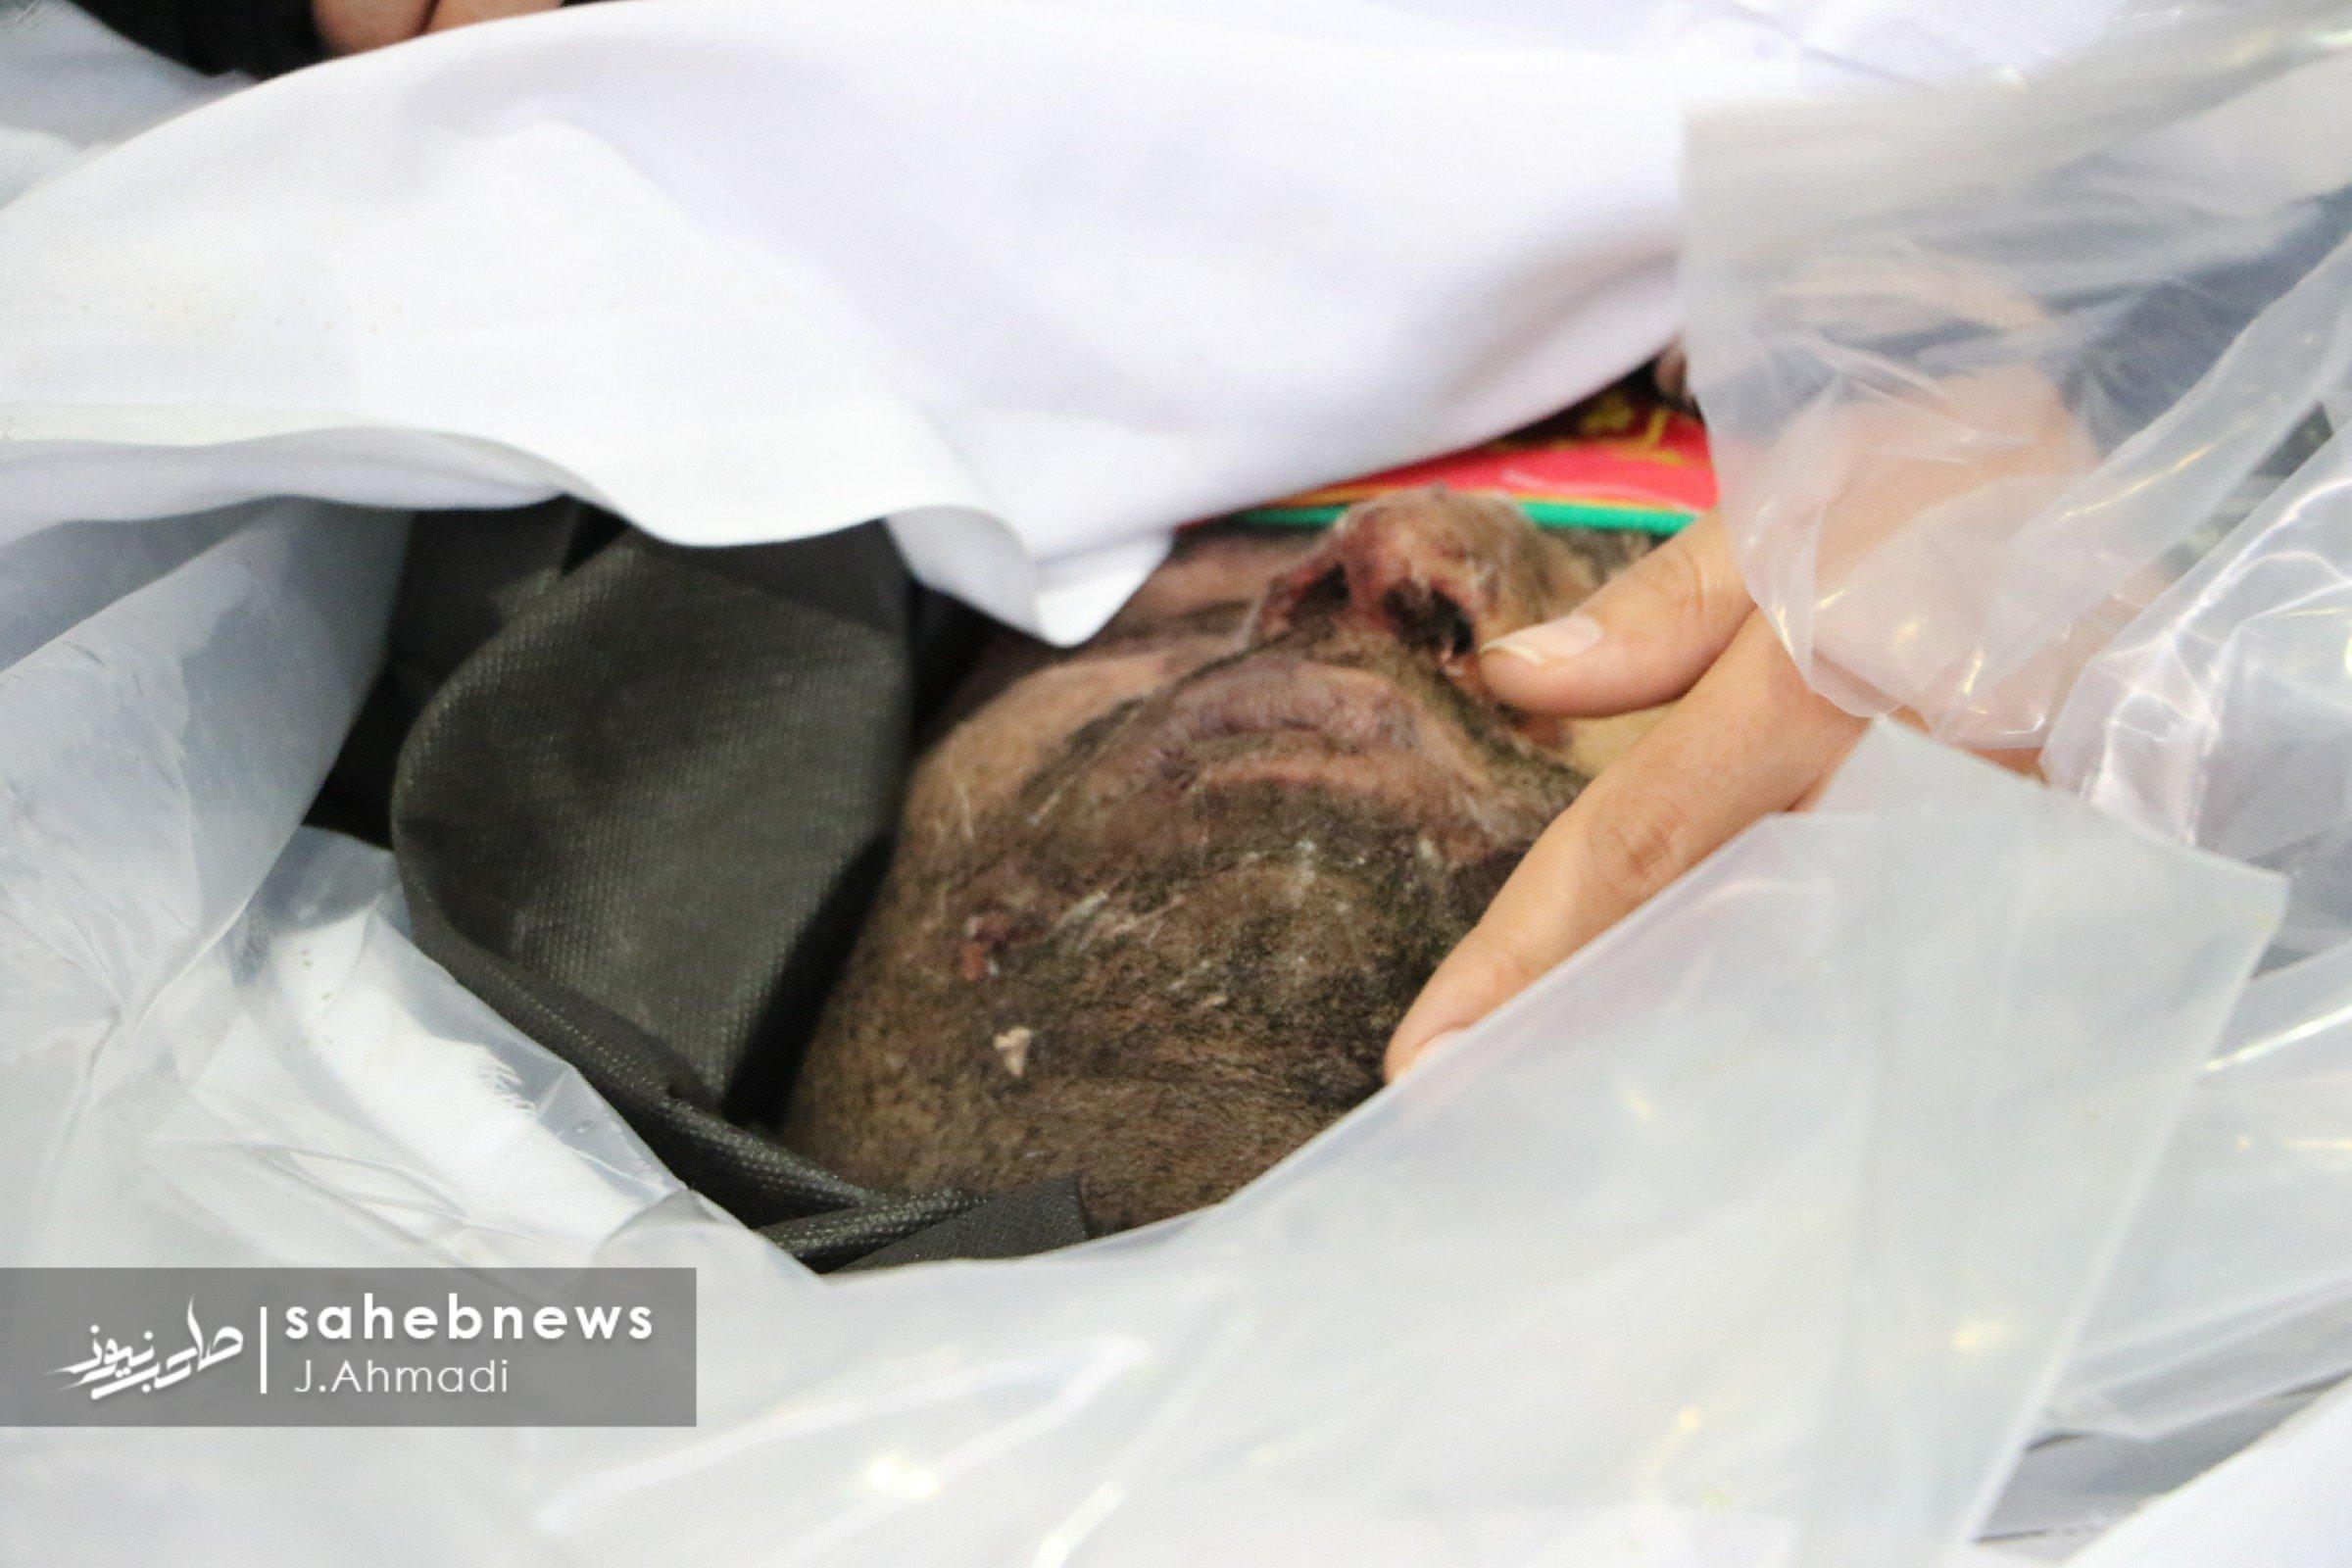 27 شهید حادثه تروریستی اصفهان (9)